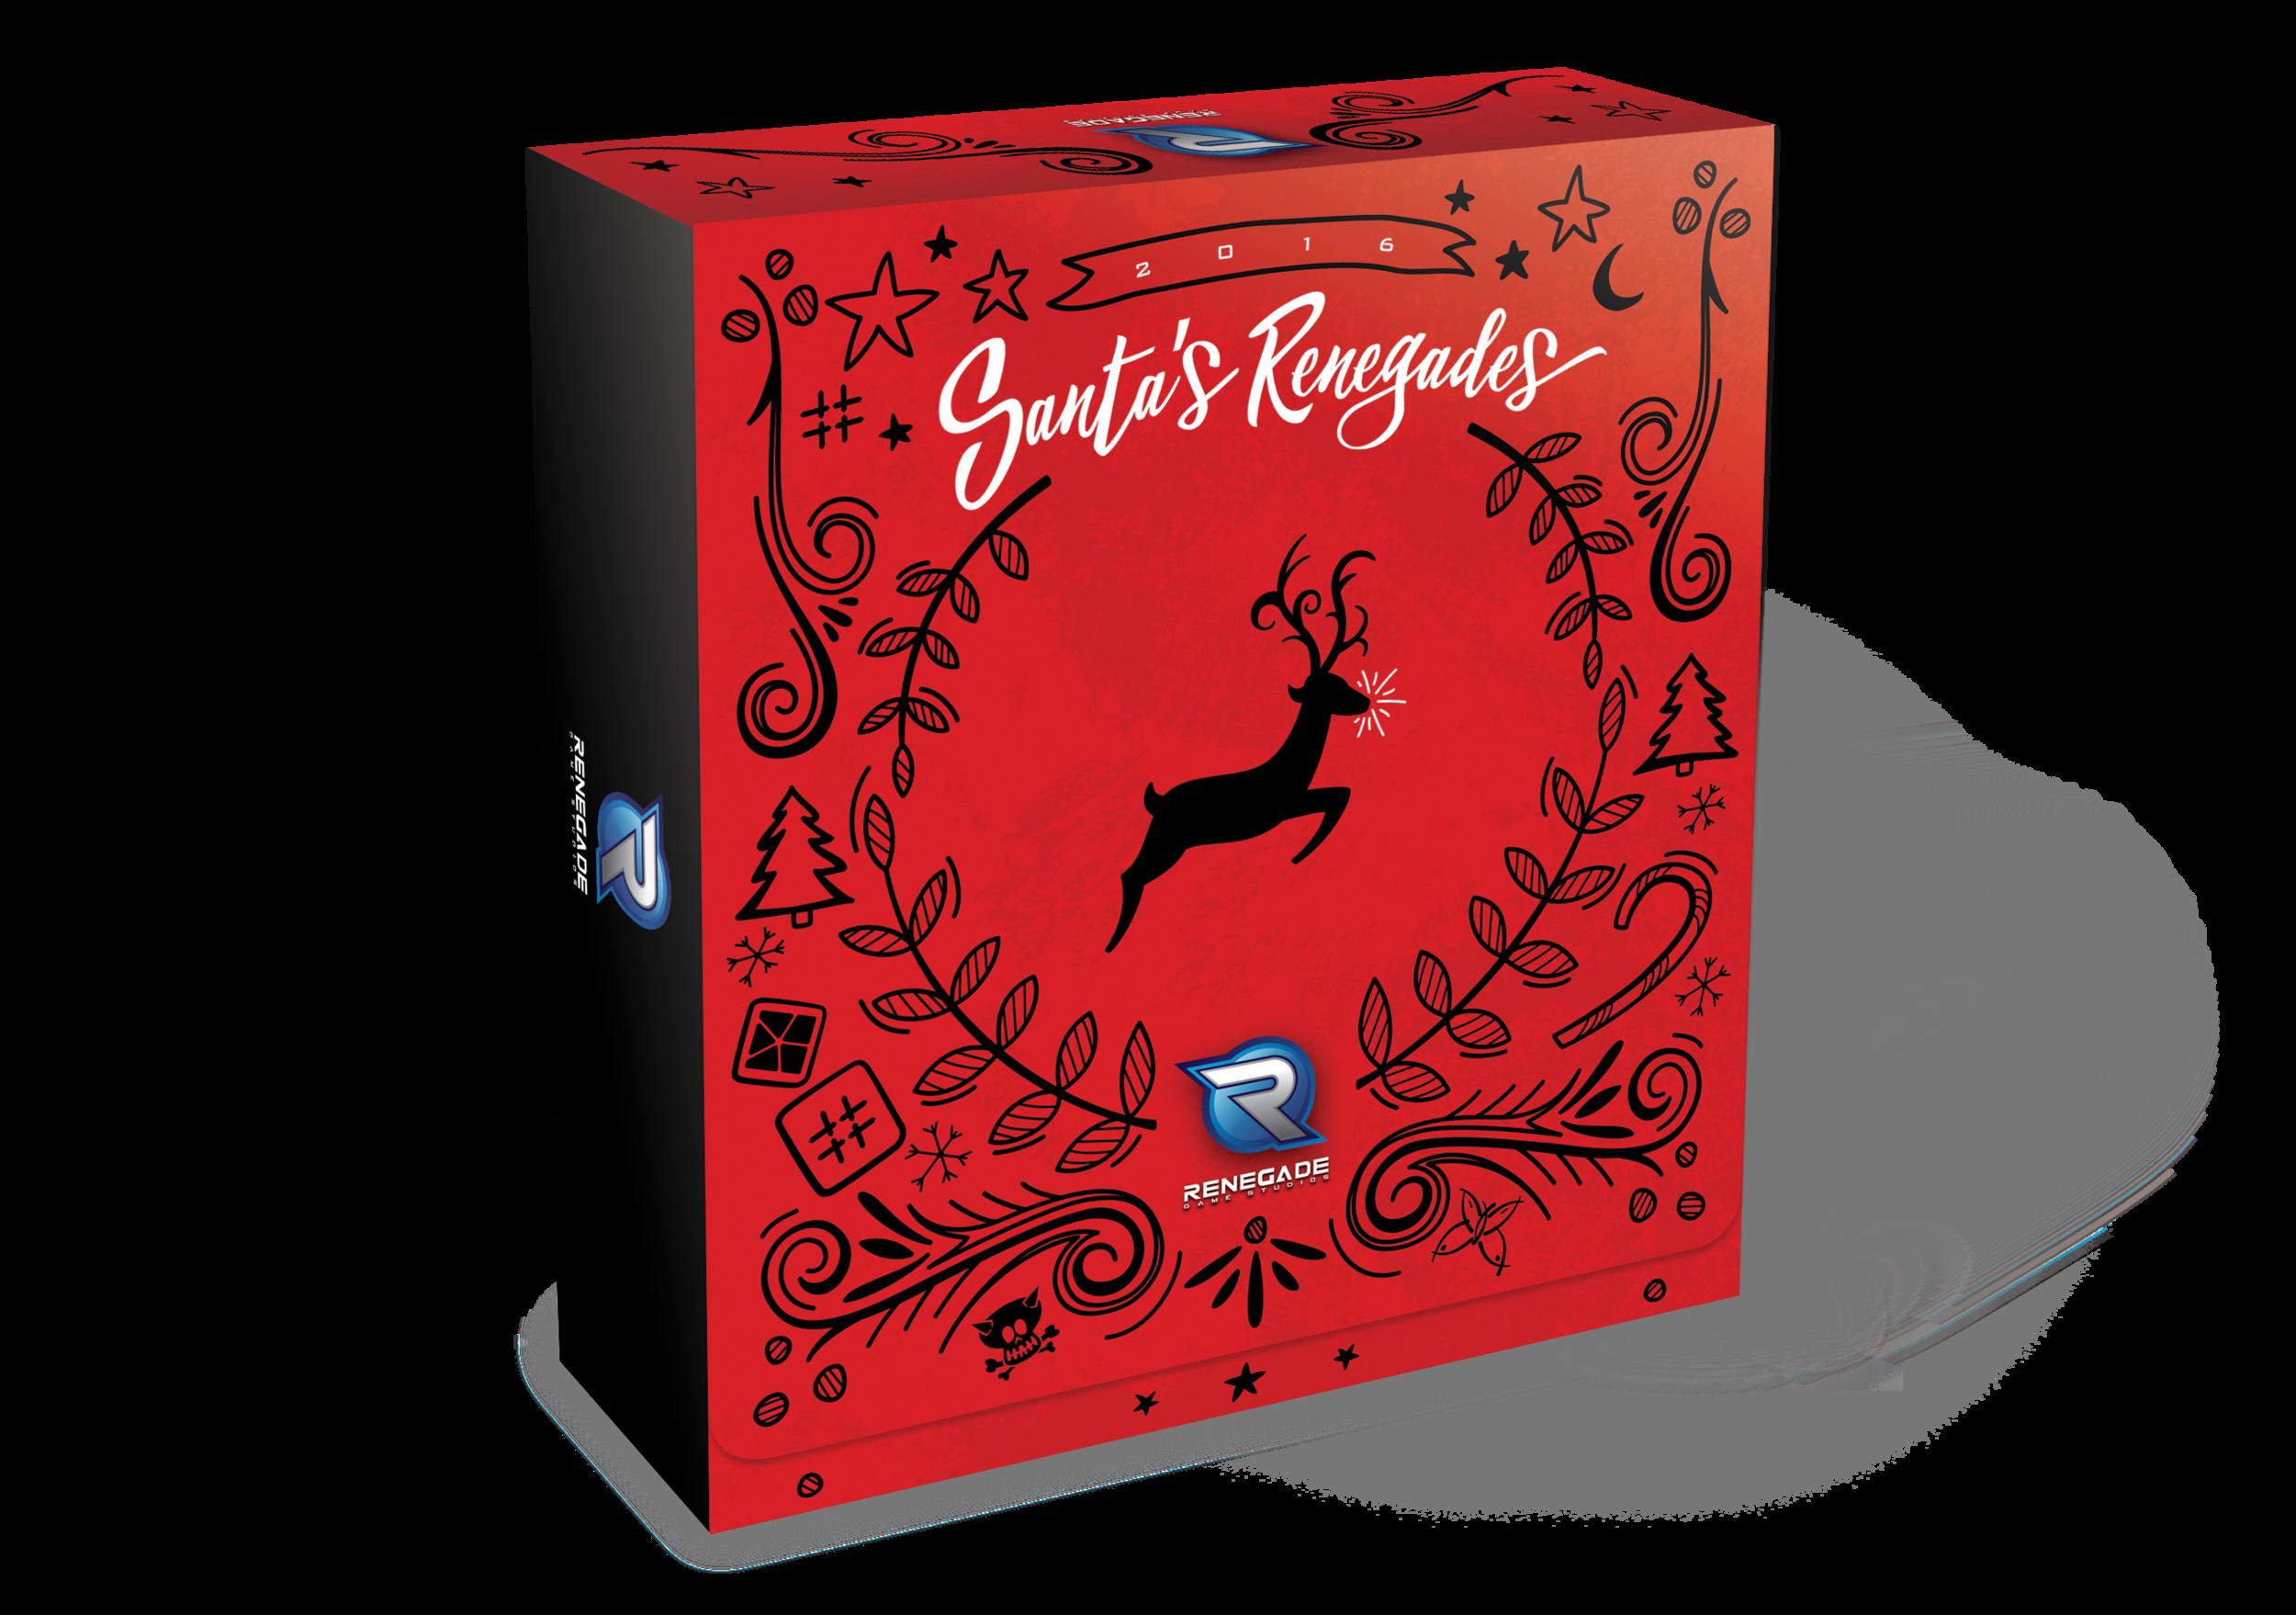 SantasRenegades_Box_3D.png